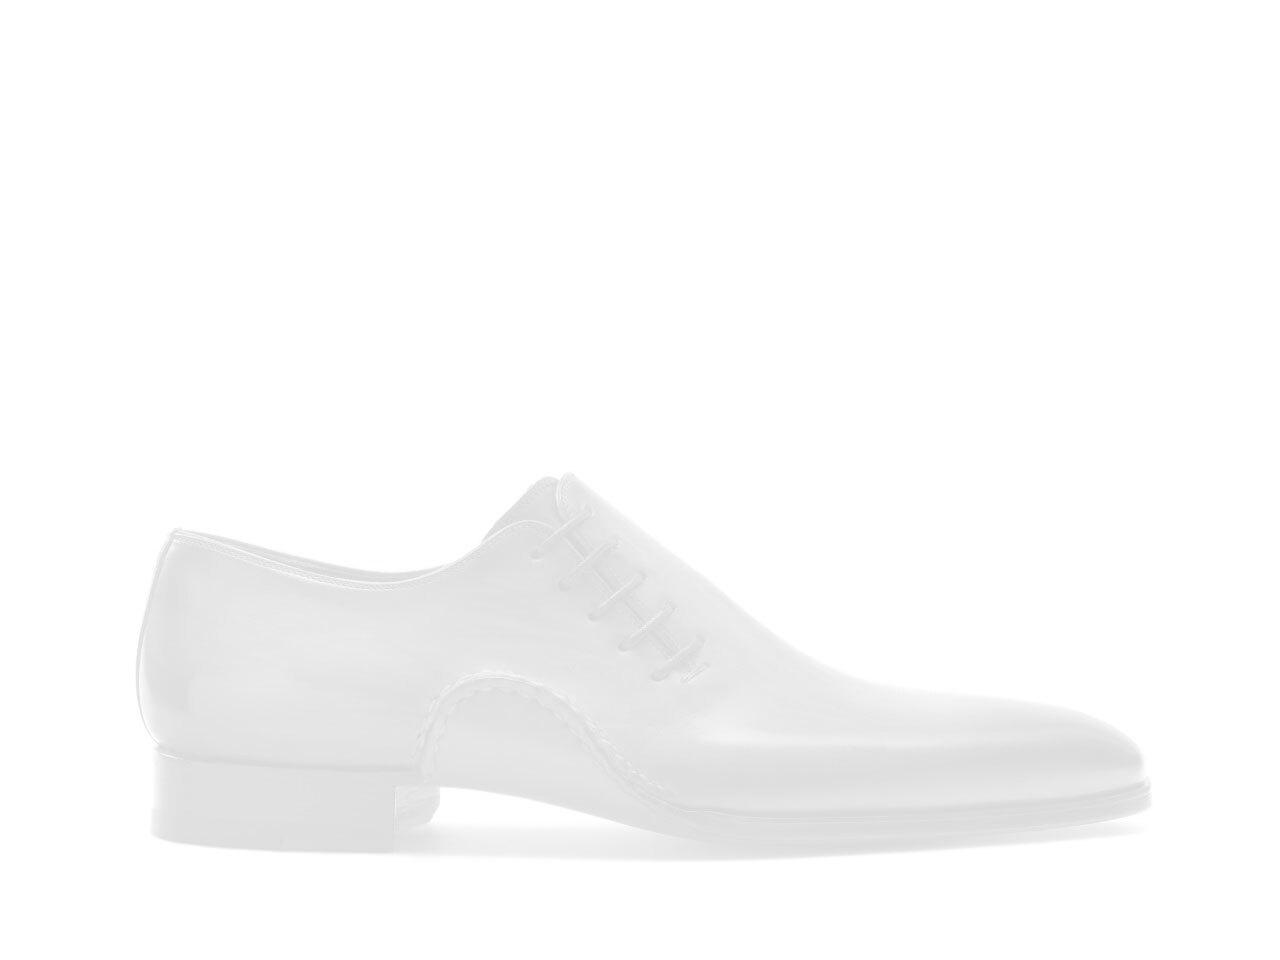 Sole of the Magnanni Luis Black Men's Oxford Shoes